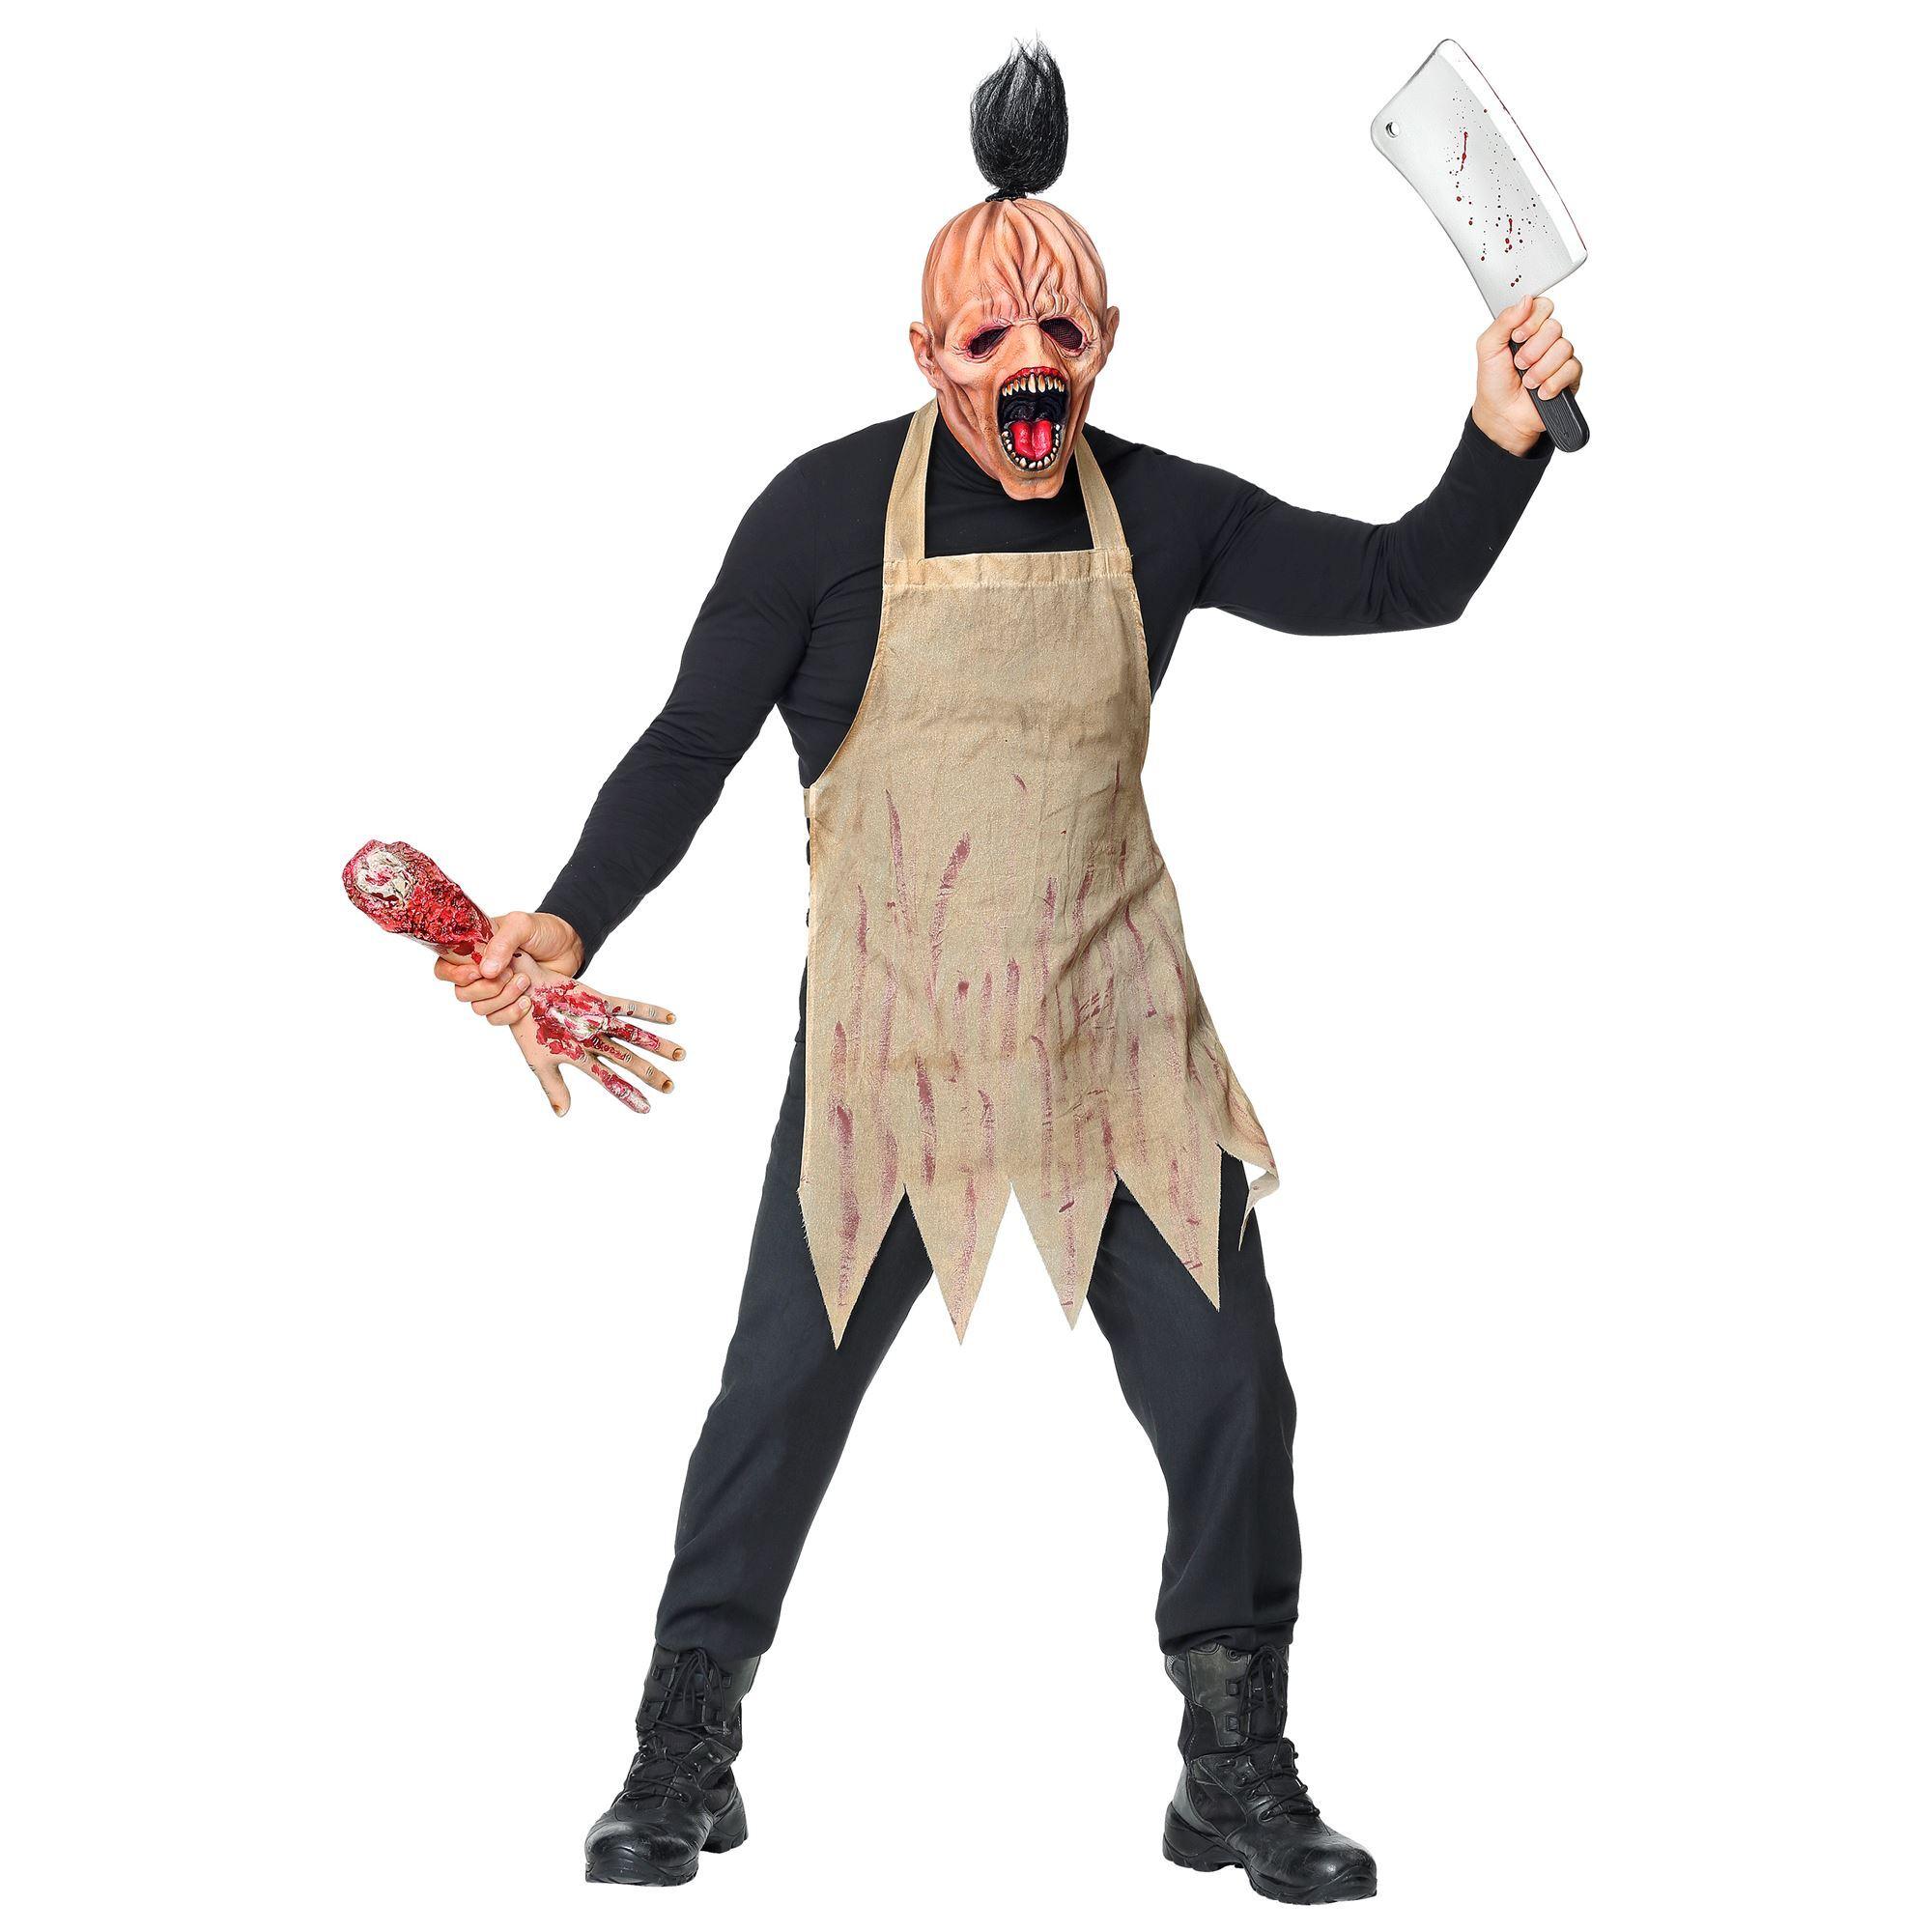 Halloween Schort.Halloween Masker Bloederige Slager Met Schort